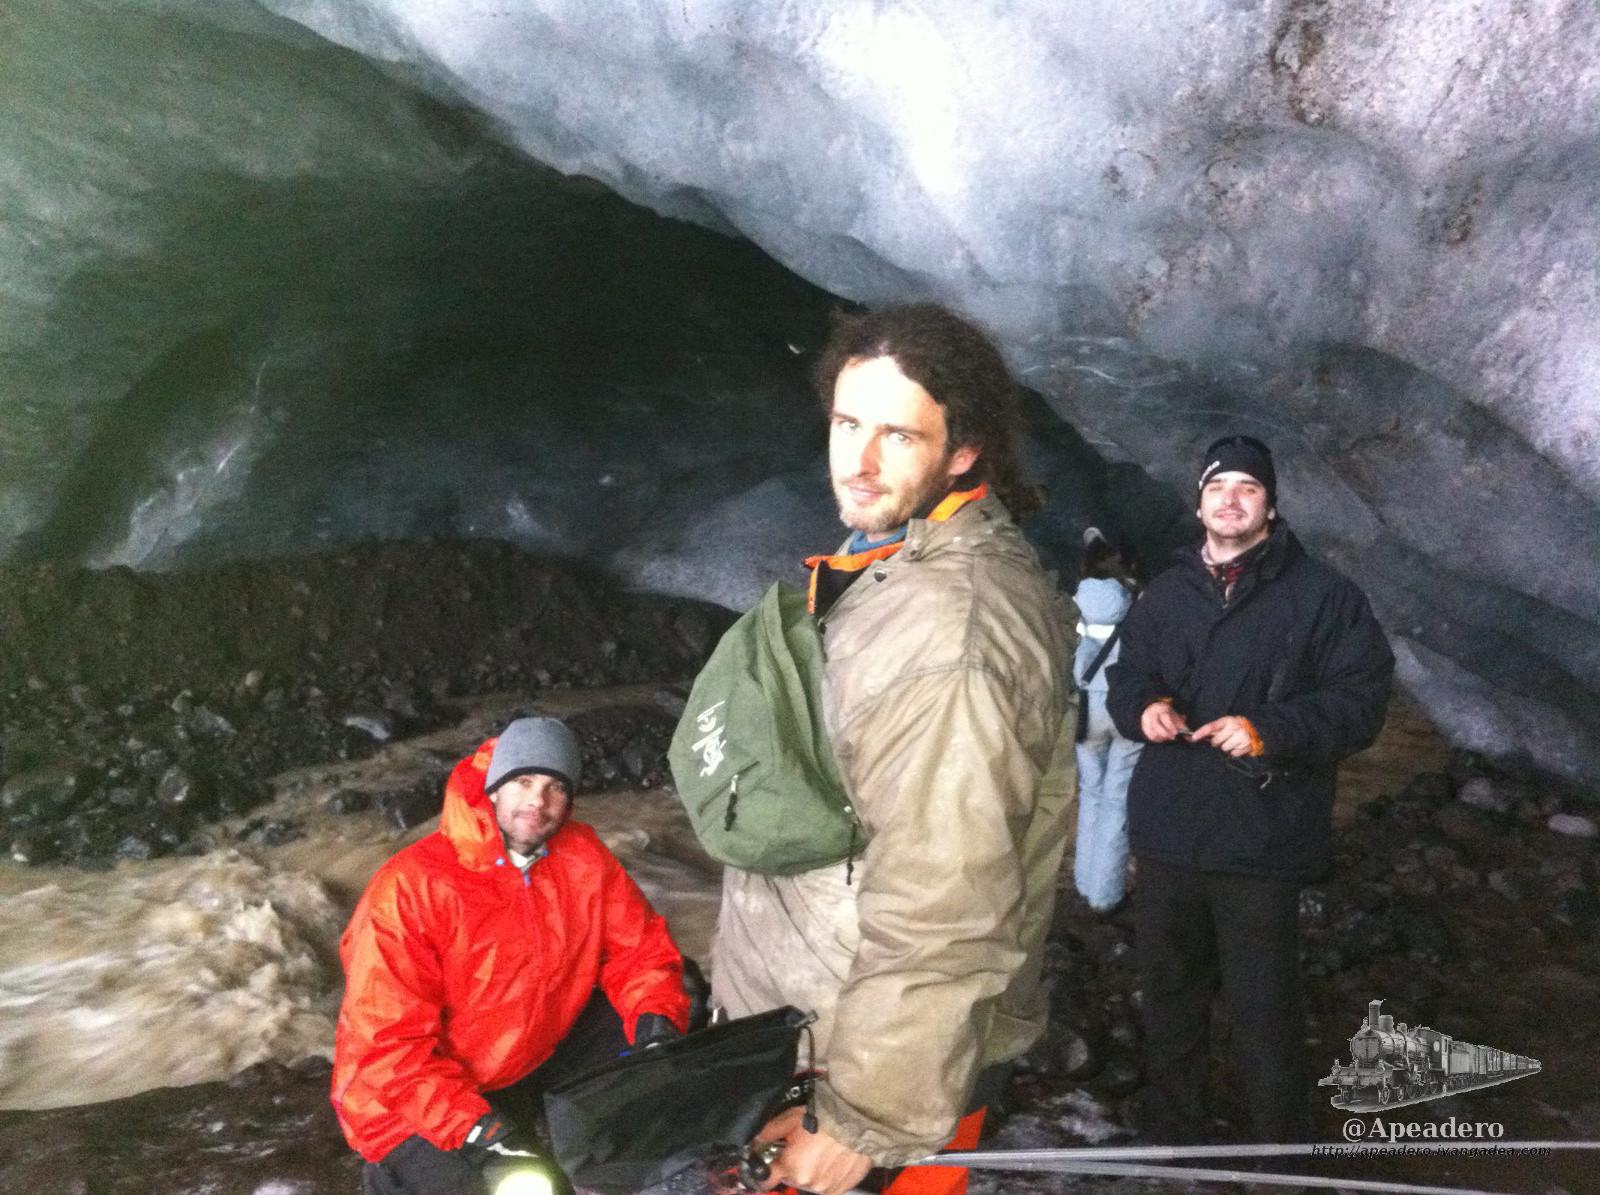 Cómo encontrar las cuevas de hielo en Islandia y cómo caminar sobre el glaciar